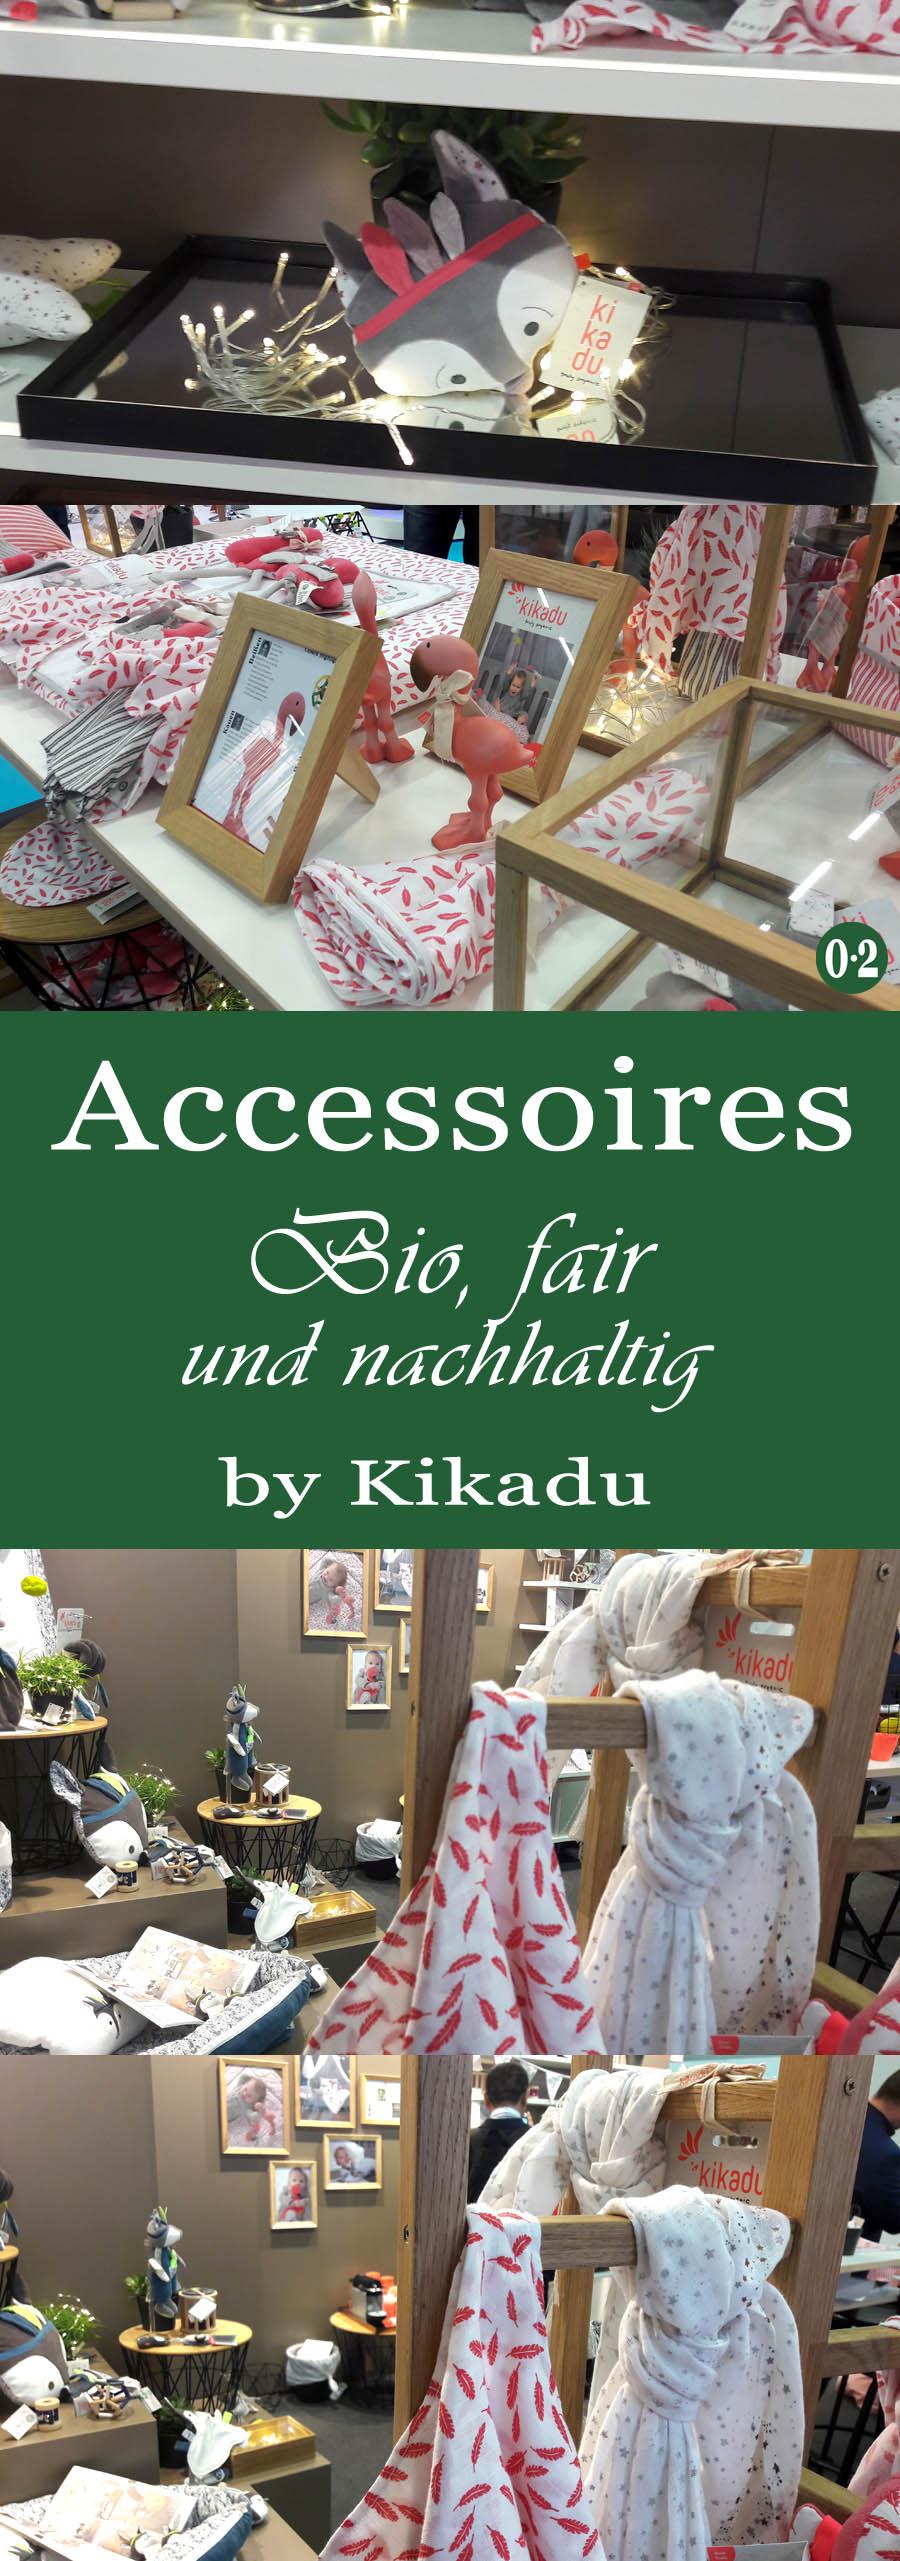 Kinderzimmertrends 2018: Ökologisch, nachhaltig und fair produzierte Accessoires & Spielzeug | www.nullpunktzwo.de